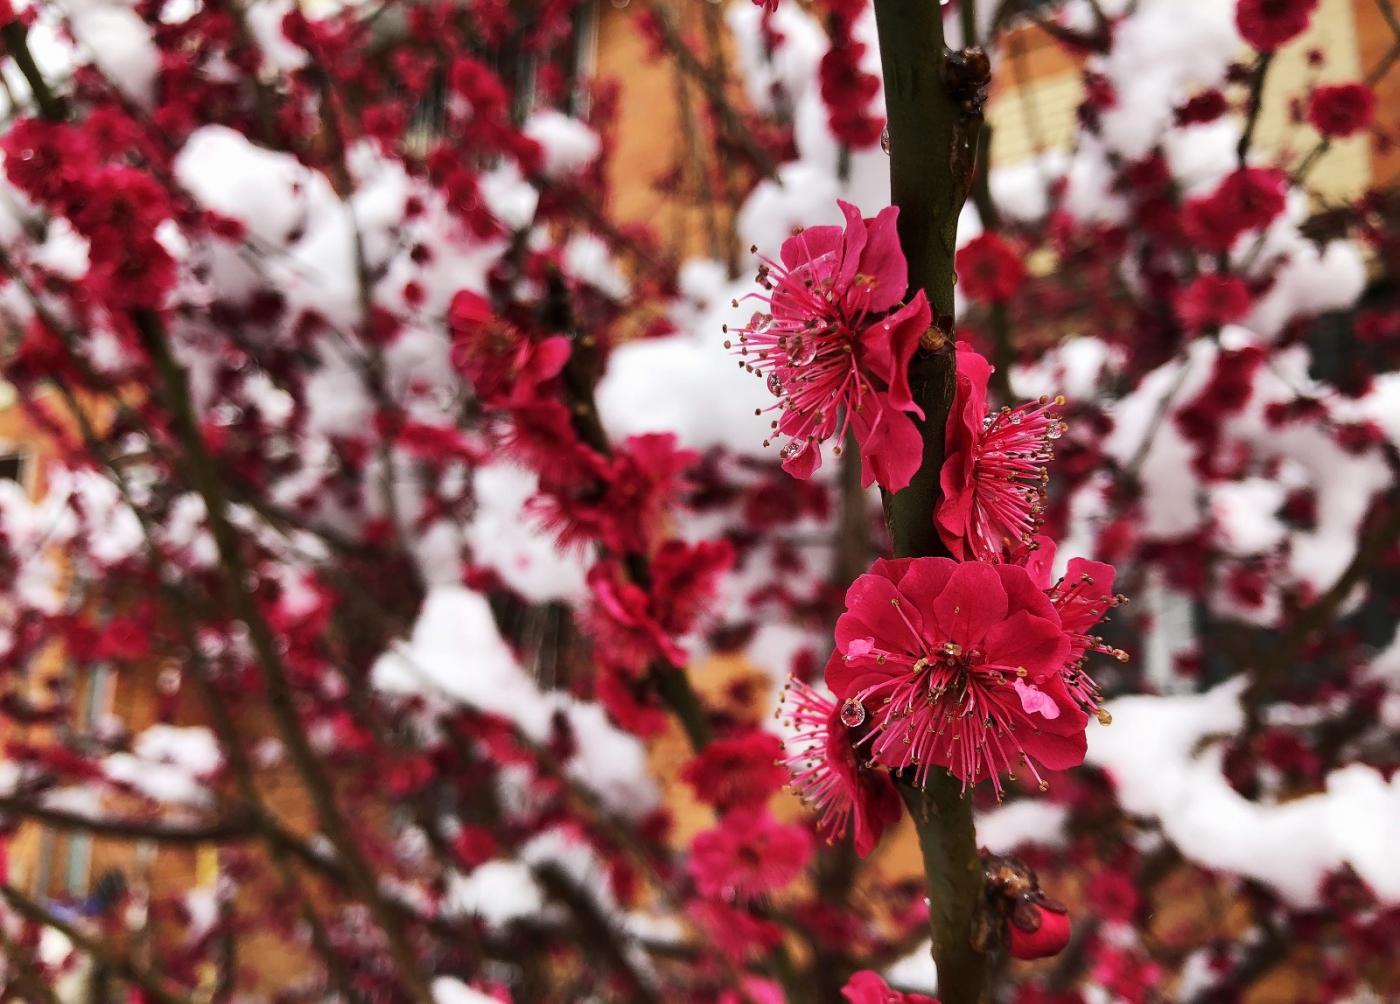 【田螺手机摄影】今早下雪去拍梅花_图1-22